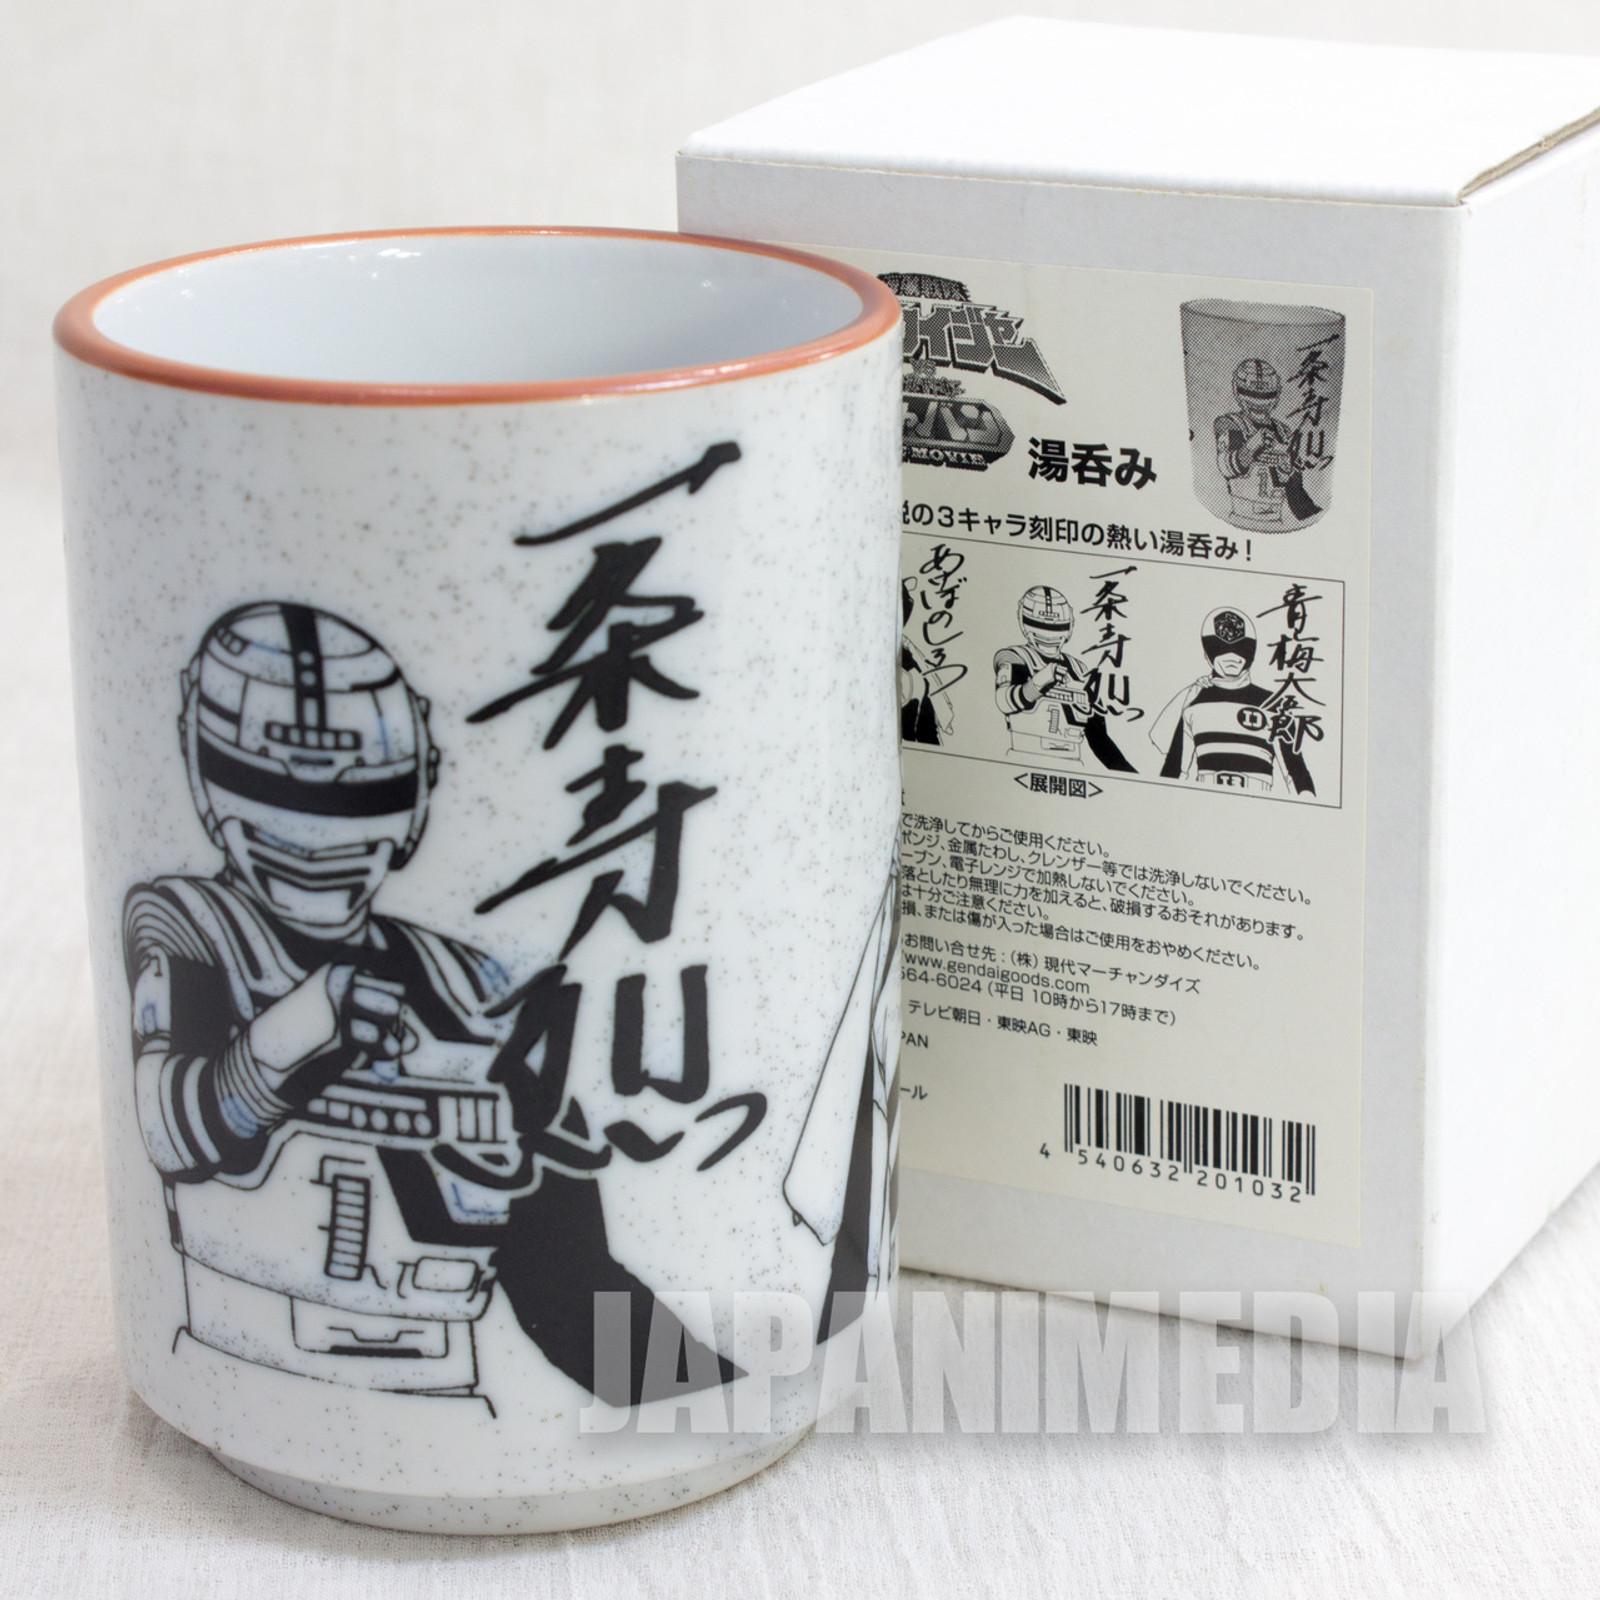 Kaizoku Sentai Gokaiger vs Space Sheriff Gavan Yunomi Japanese Tea Cup TOKUSATSU